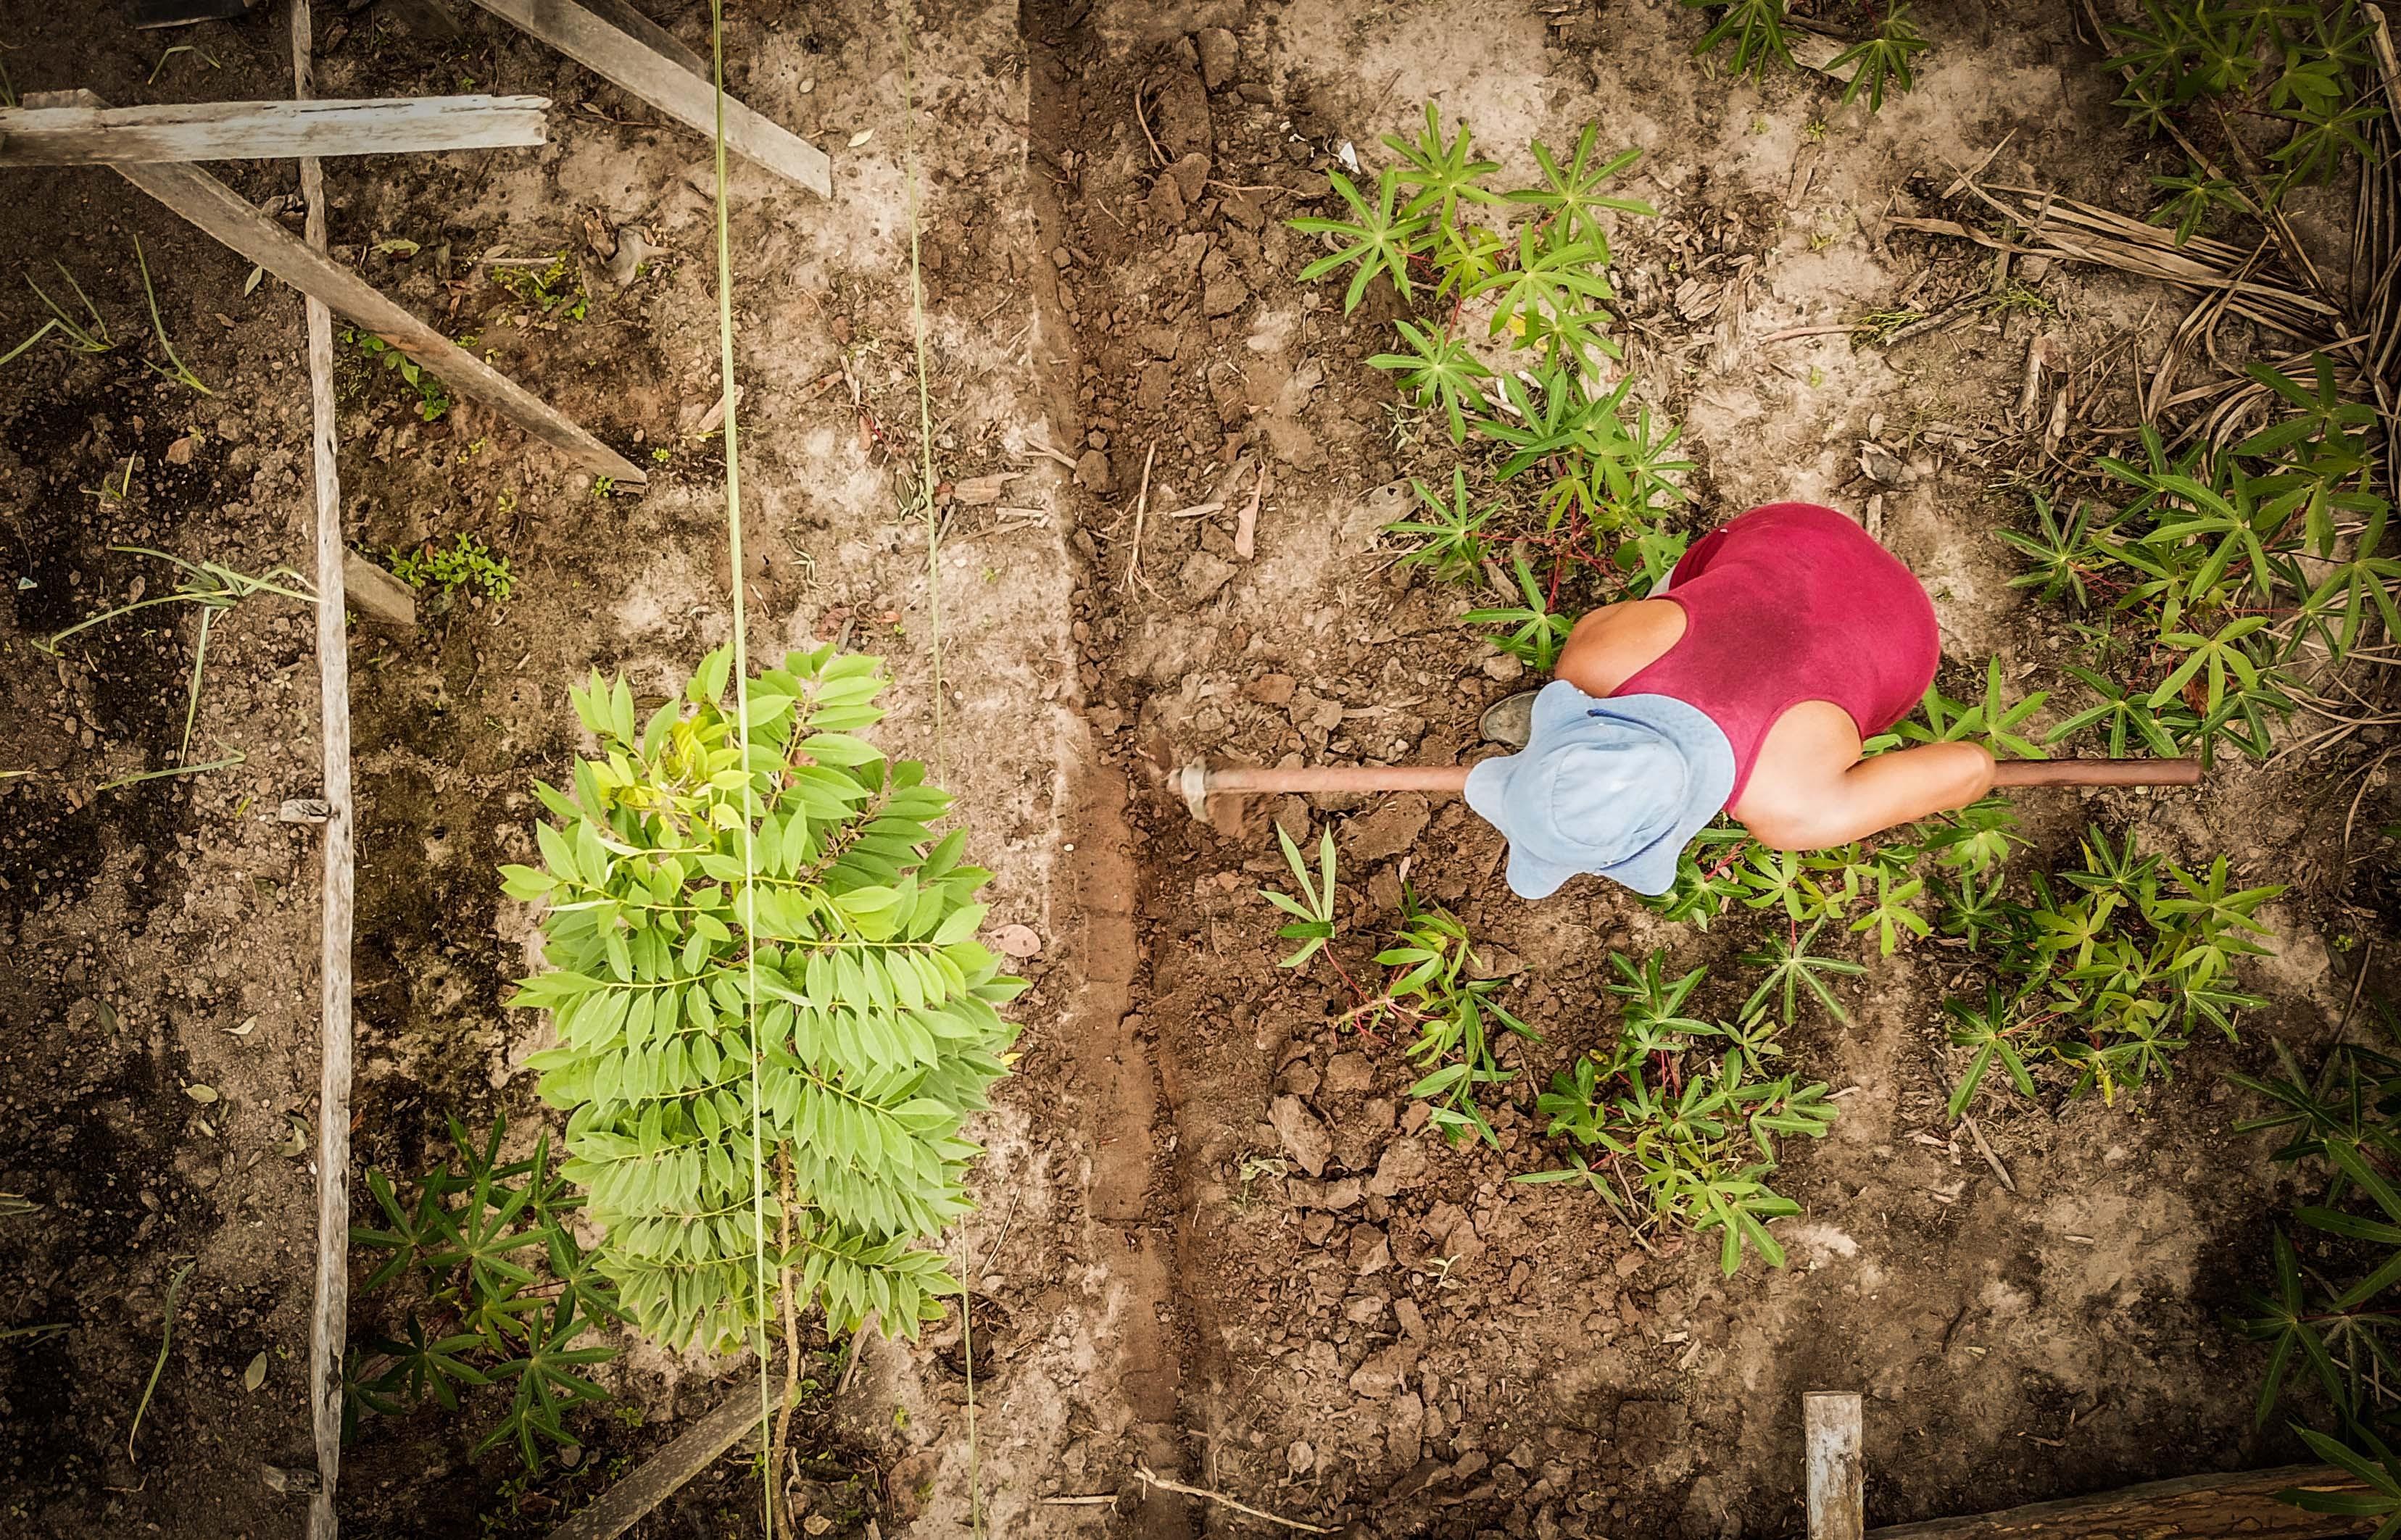 Agricultora trabalhando na lavoura (Foto: Pretaterra/Divulgação)